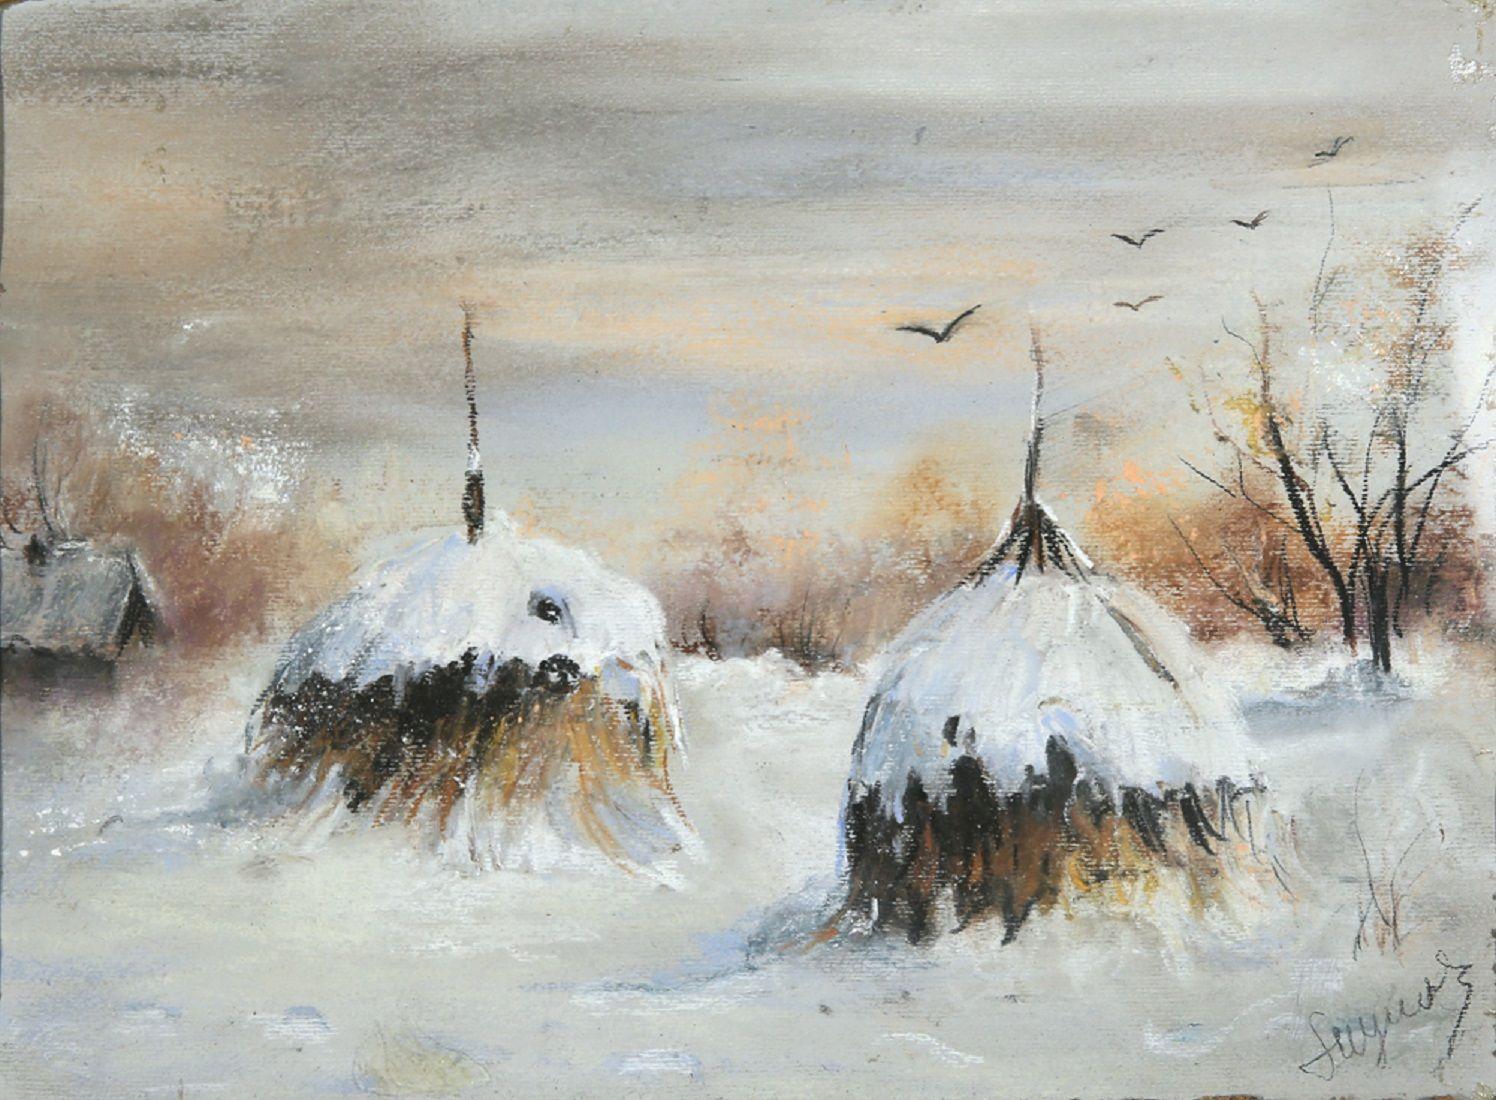 """Leon Wyczółkowski (1852-1936) """"Stogi w śniegu"""", źródło: Trinity International Auctions & Appraisals"""